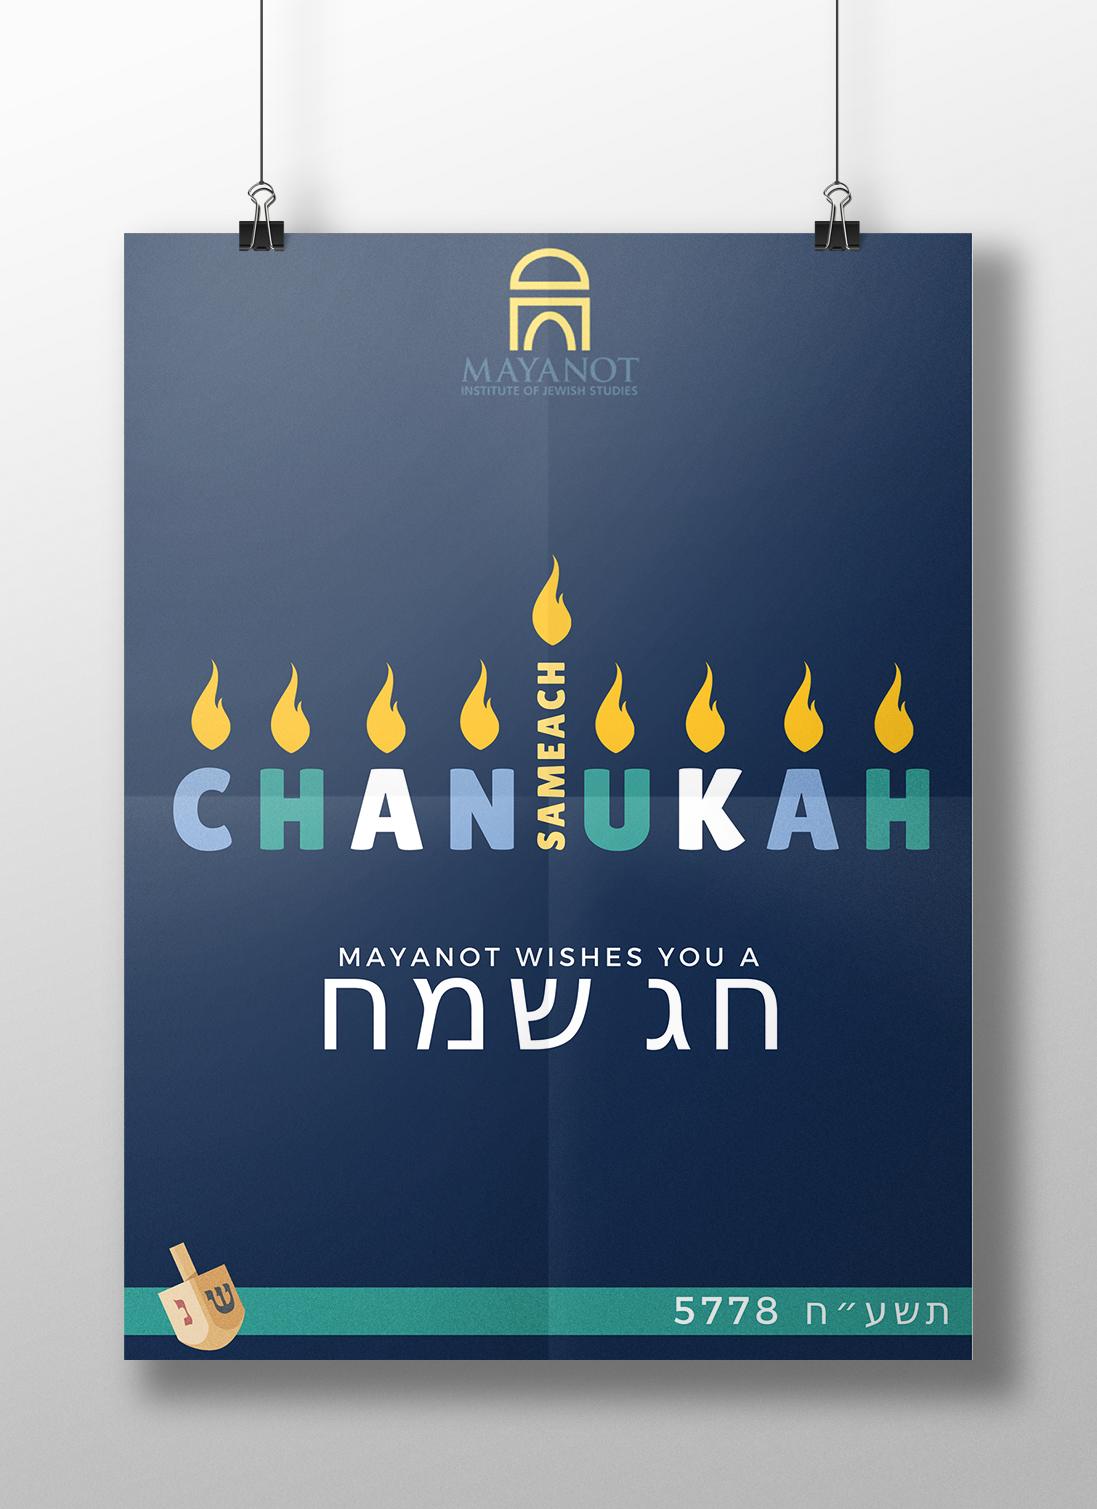 Channukah Mayaonot II